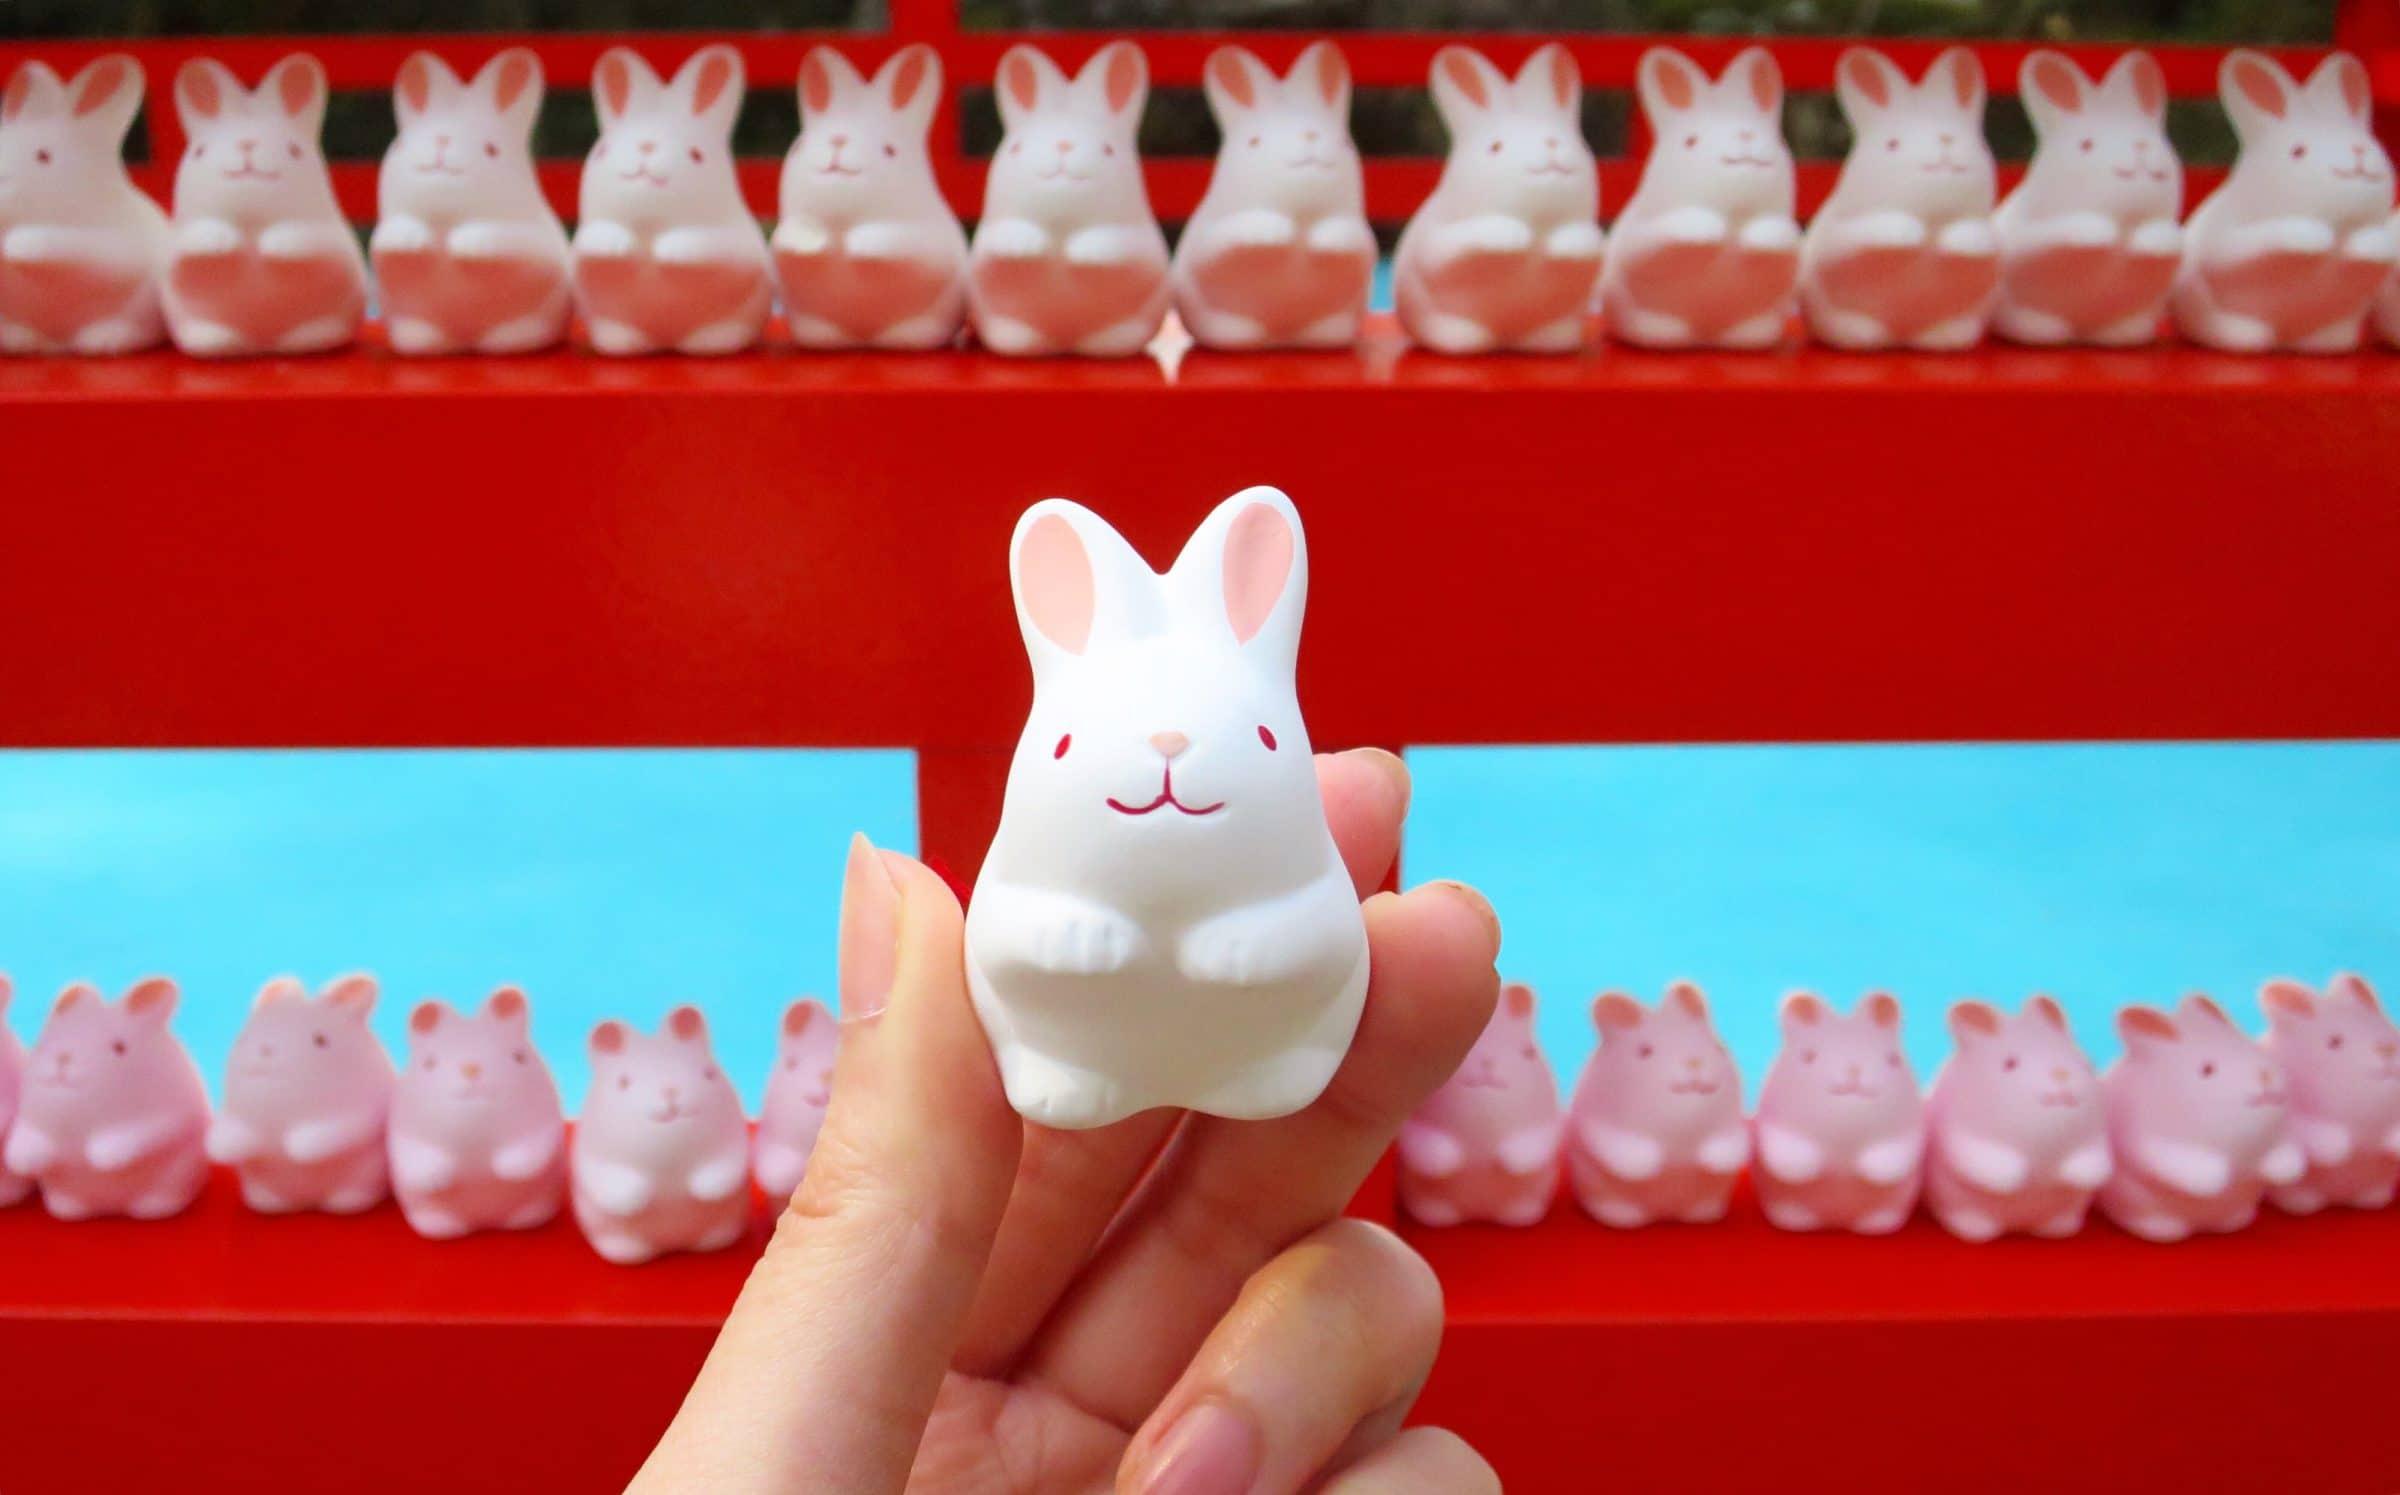 【京都景點】兔兔迷必訪!京都岡崎神社兔子御守